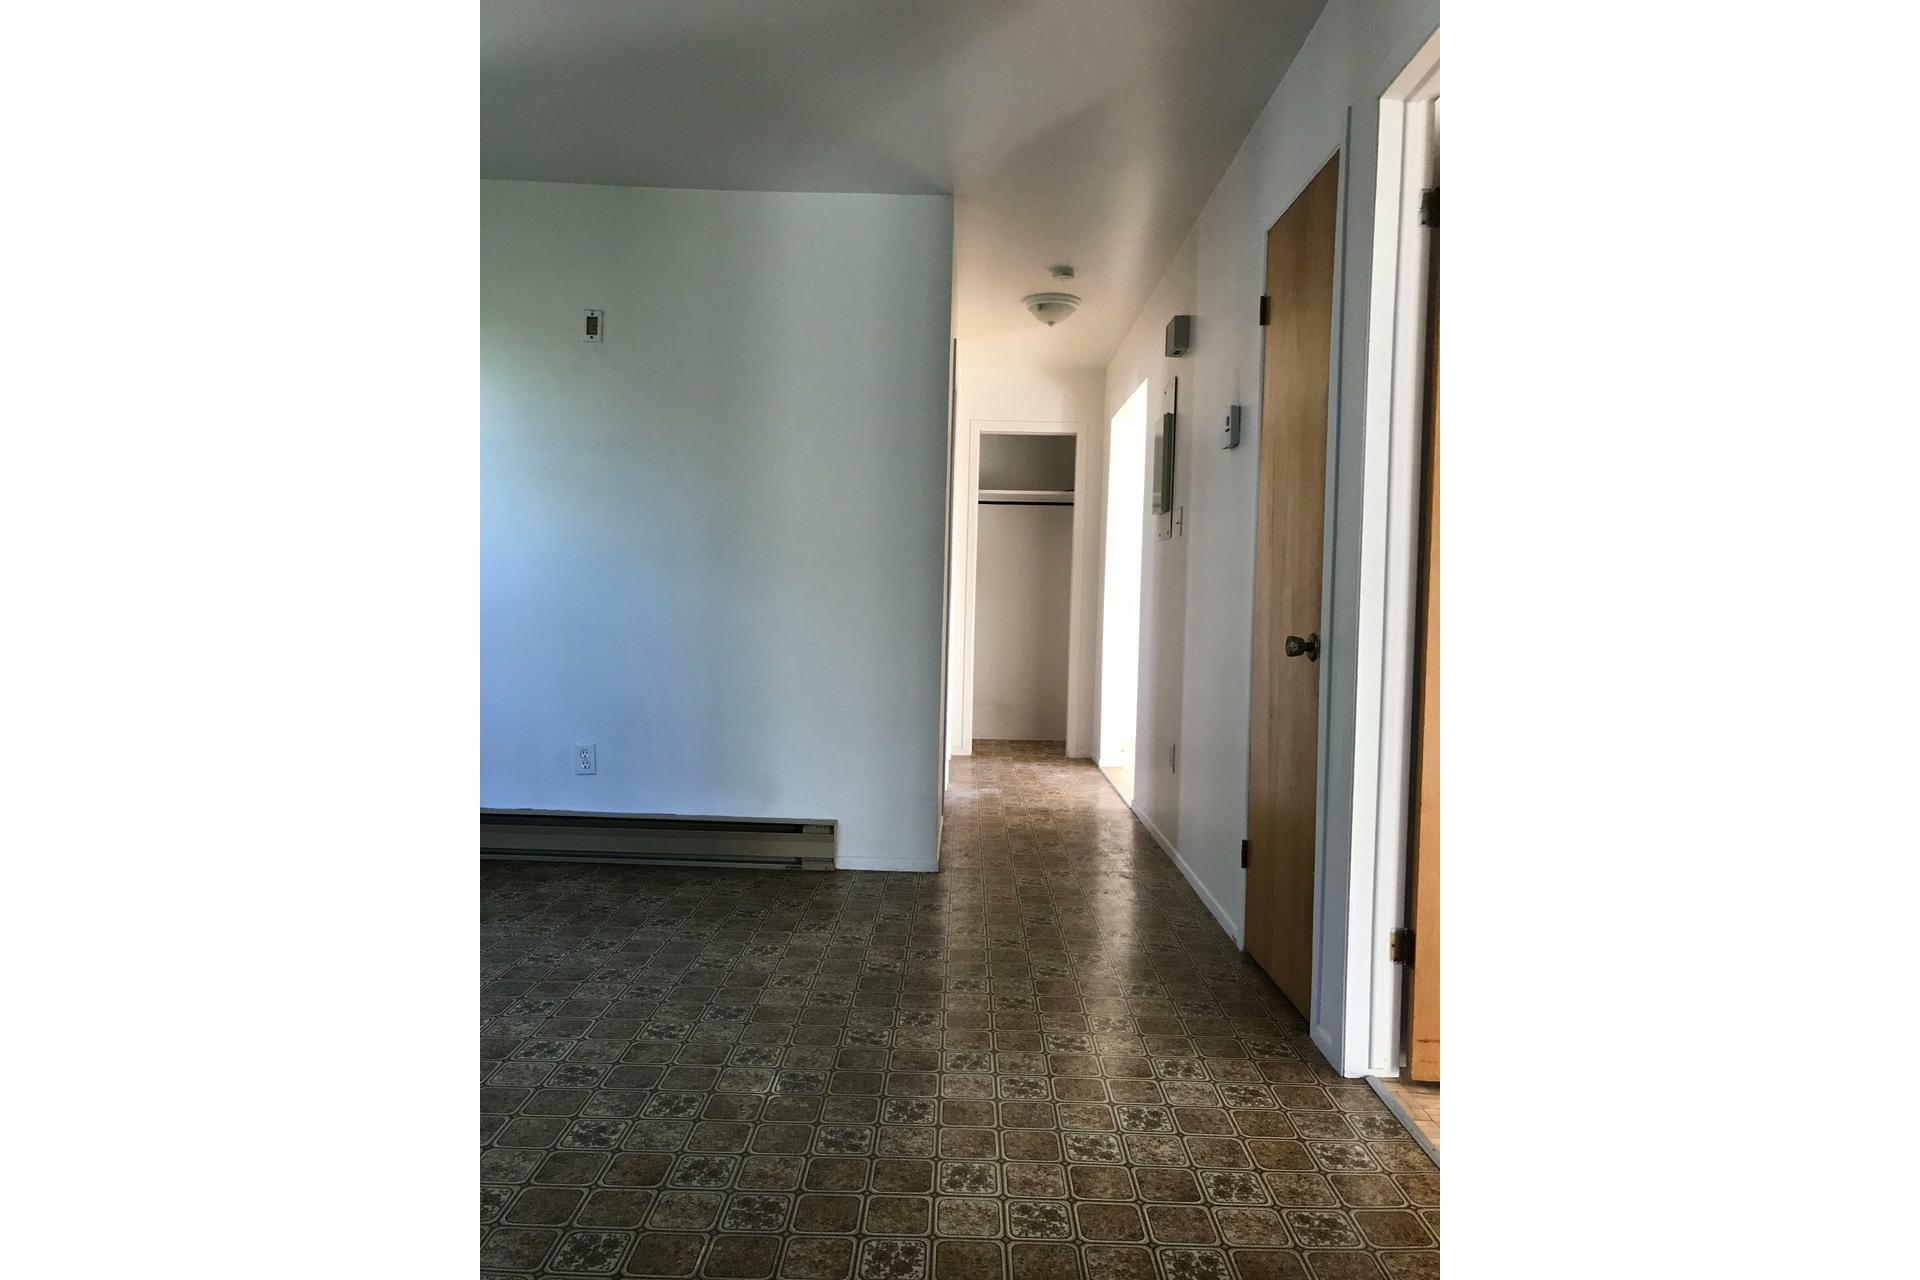 image 2 - Appartement À louer Sorel-Tracy - 5 pièces